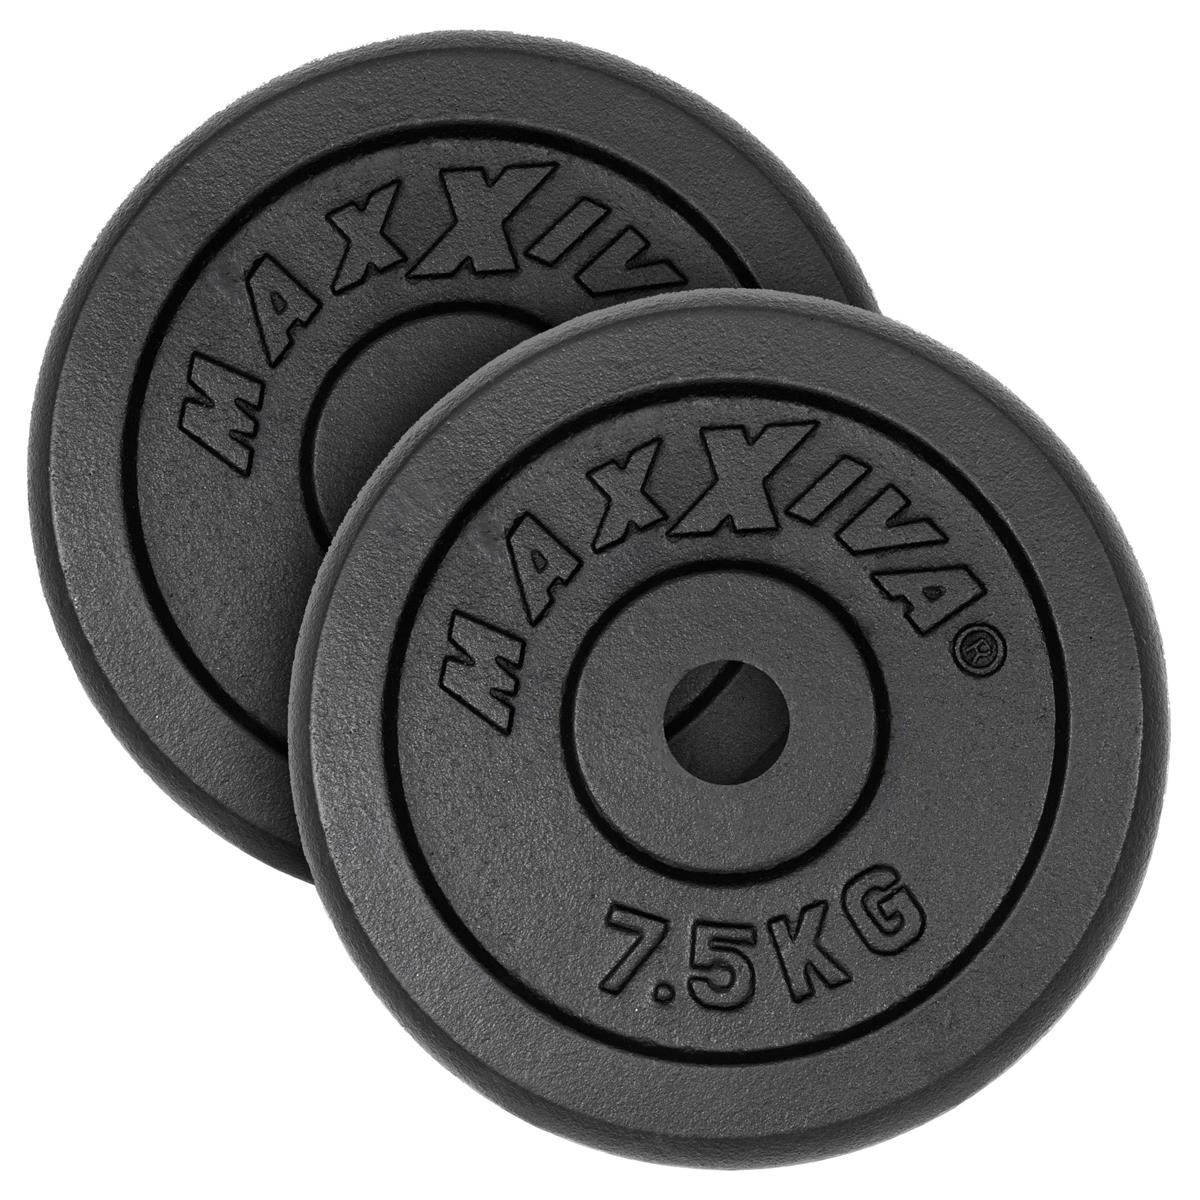 MAXXIVA Hantelscheiben 2er Set Gewichtsplatte je 7,5 kg Gusseisen schwarz 15 kg